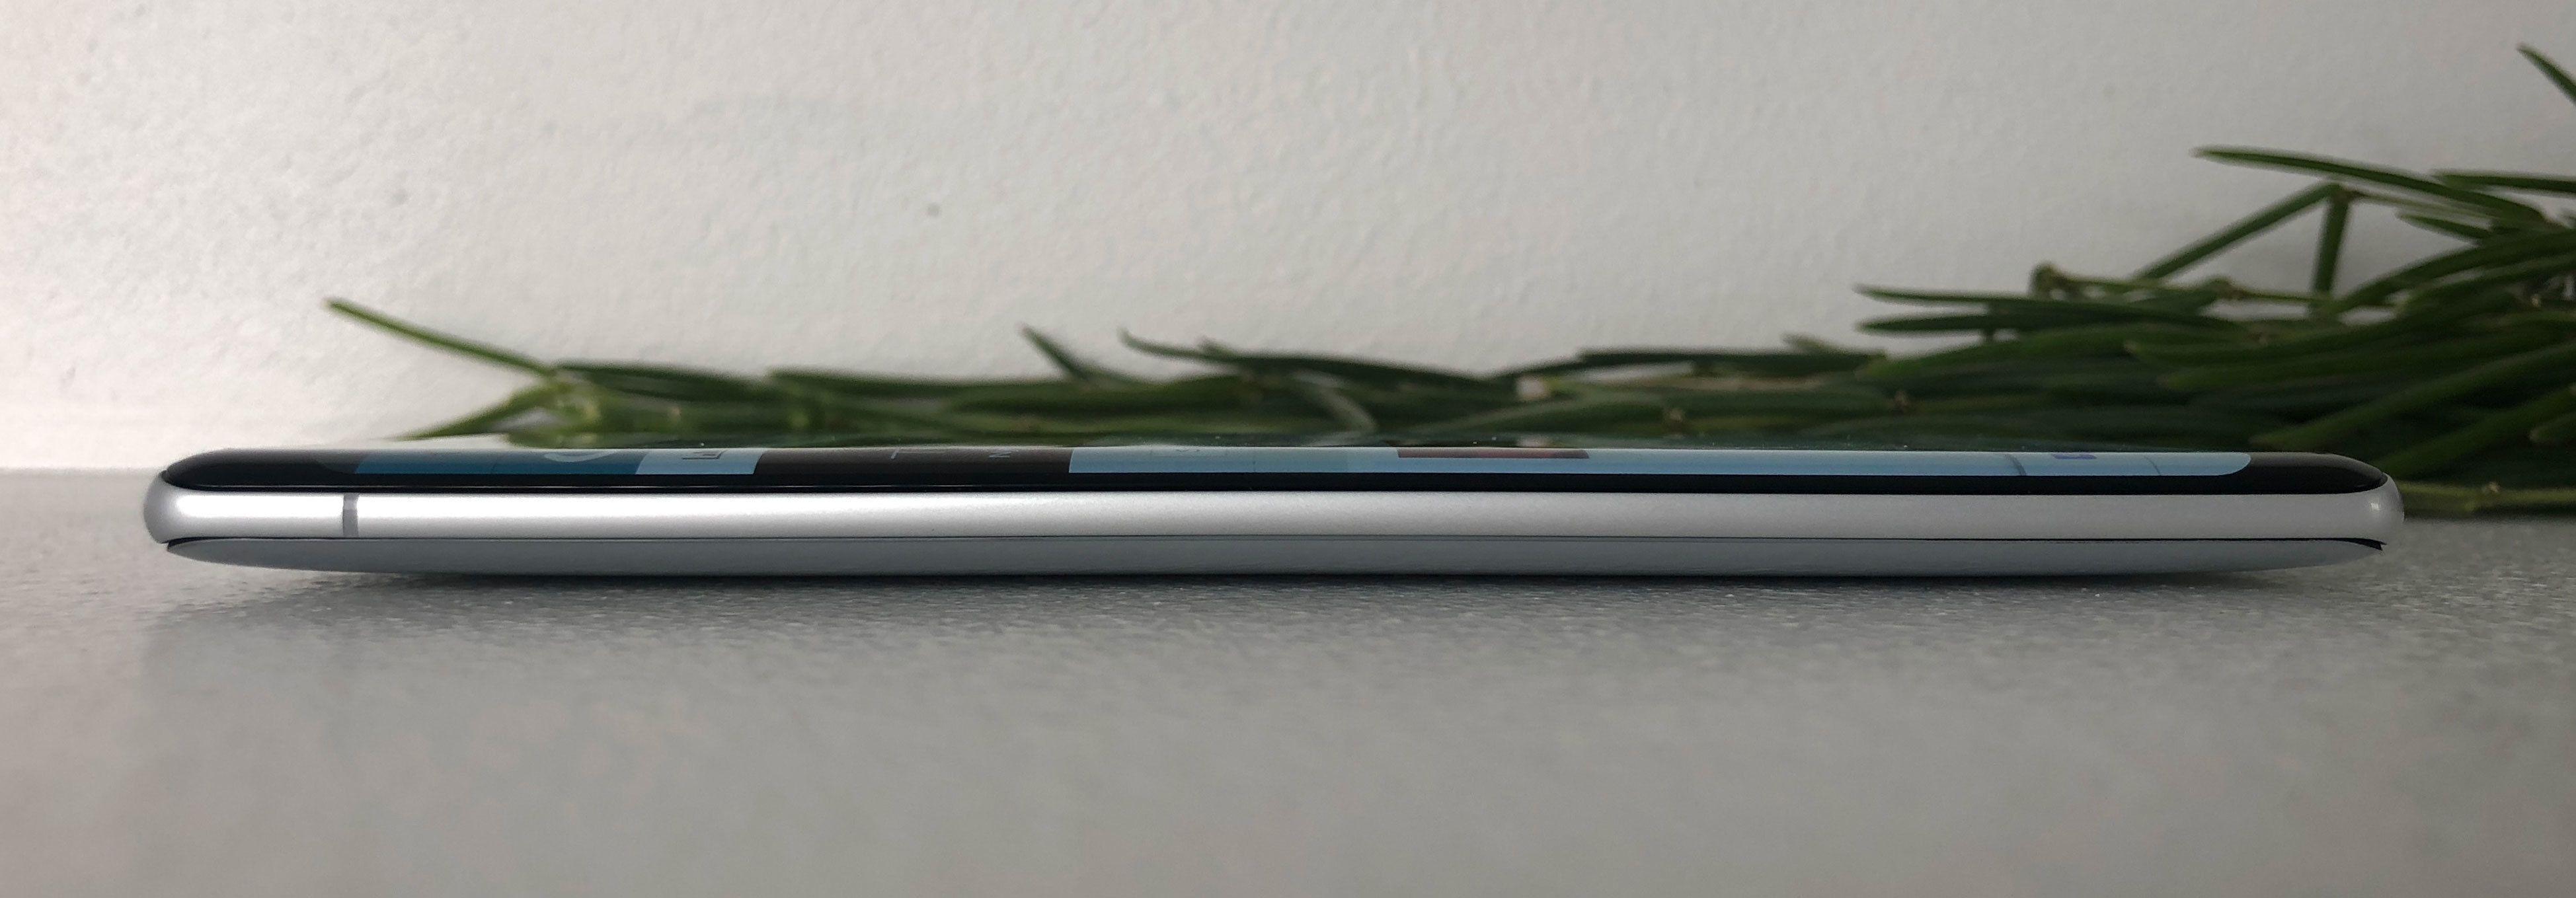 Siden baksiden er avrundet ligger mobilen og vugger på den midtre delen når du legger den flatt.